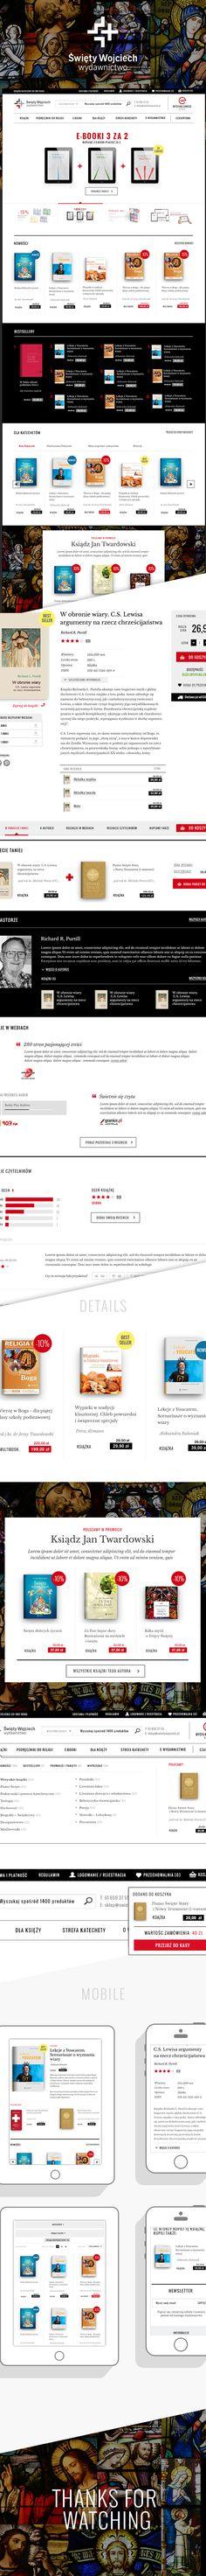 https://www.behance.net/gallery/20847483/Sw-Wojciech-bookstore-e-commerce